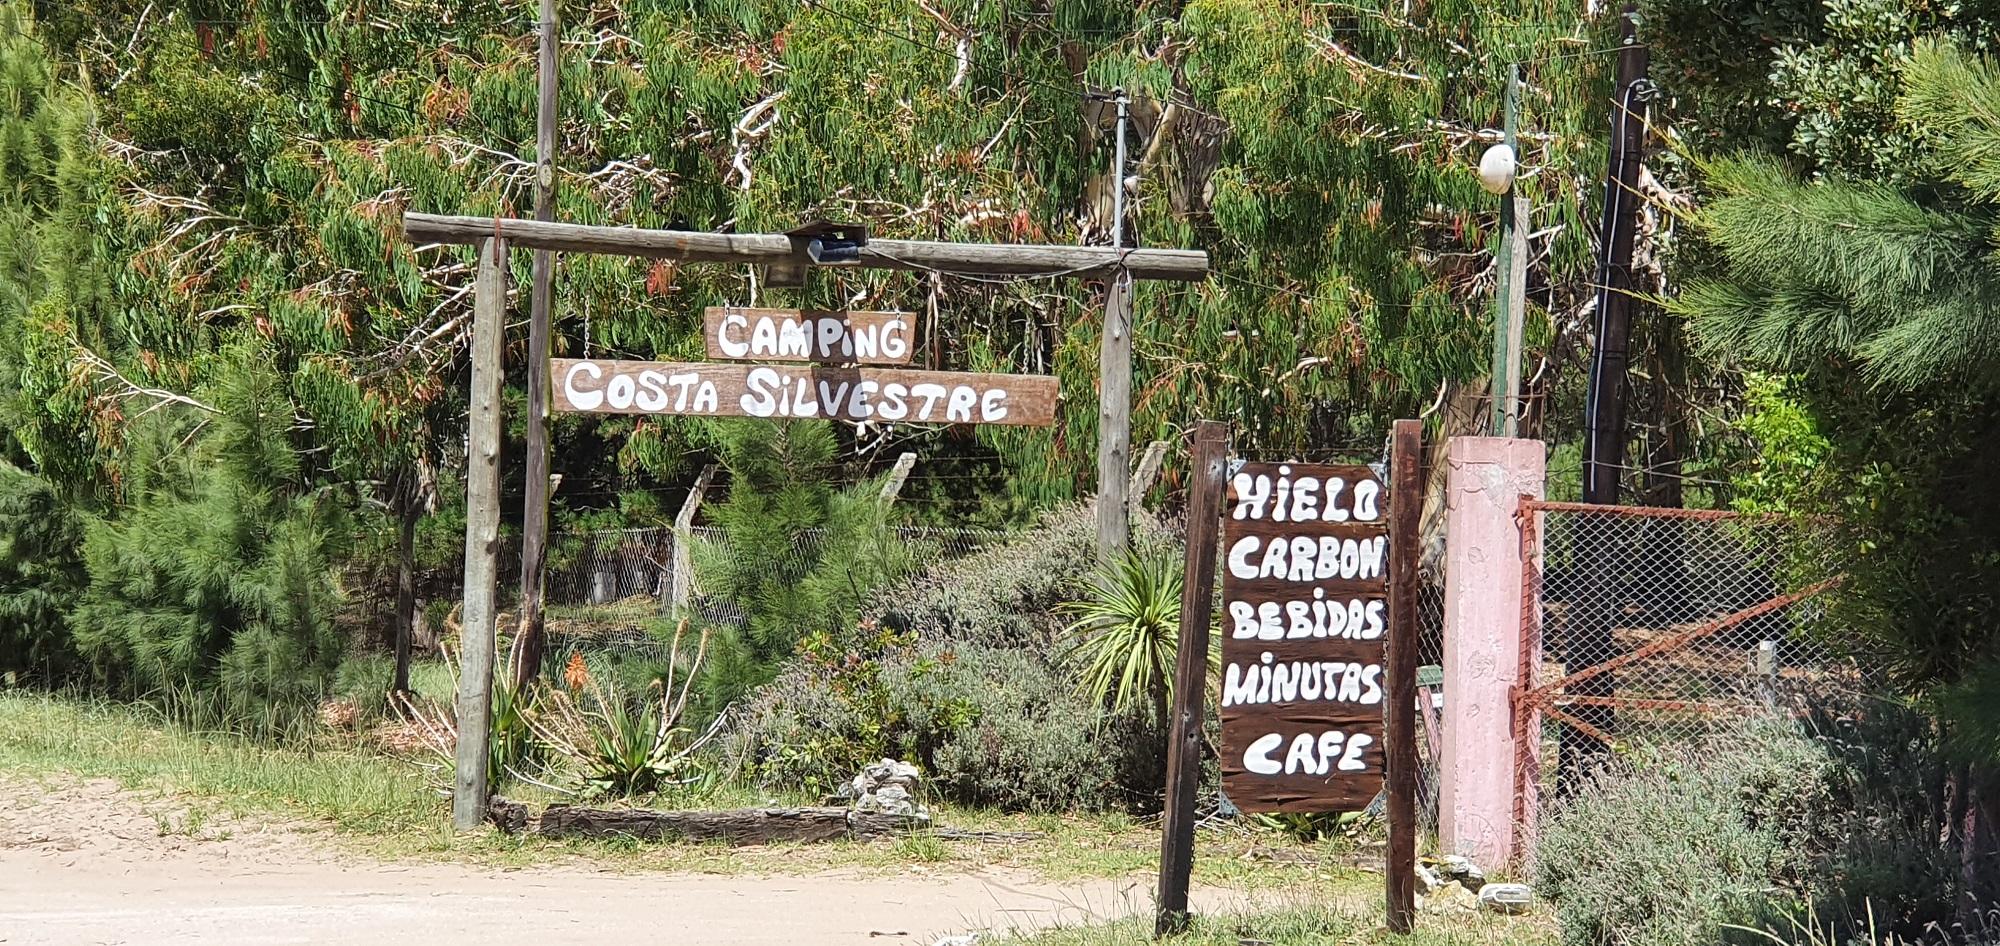 CONVENIO CON EL CAMPING